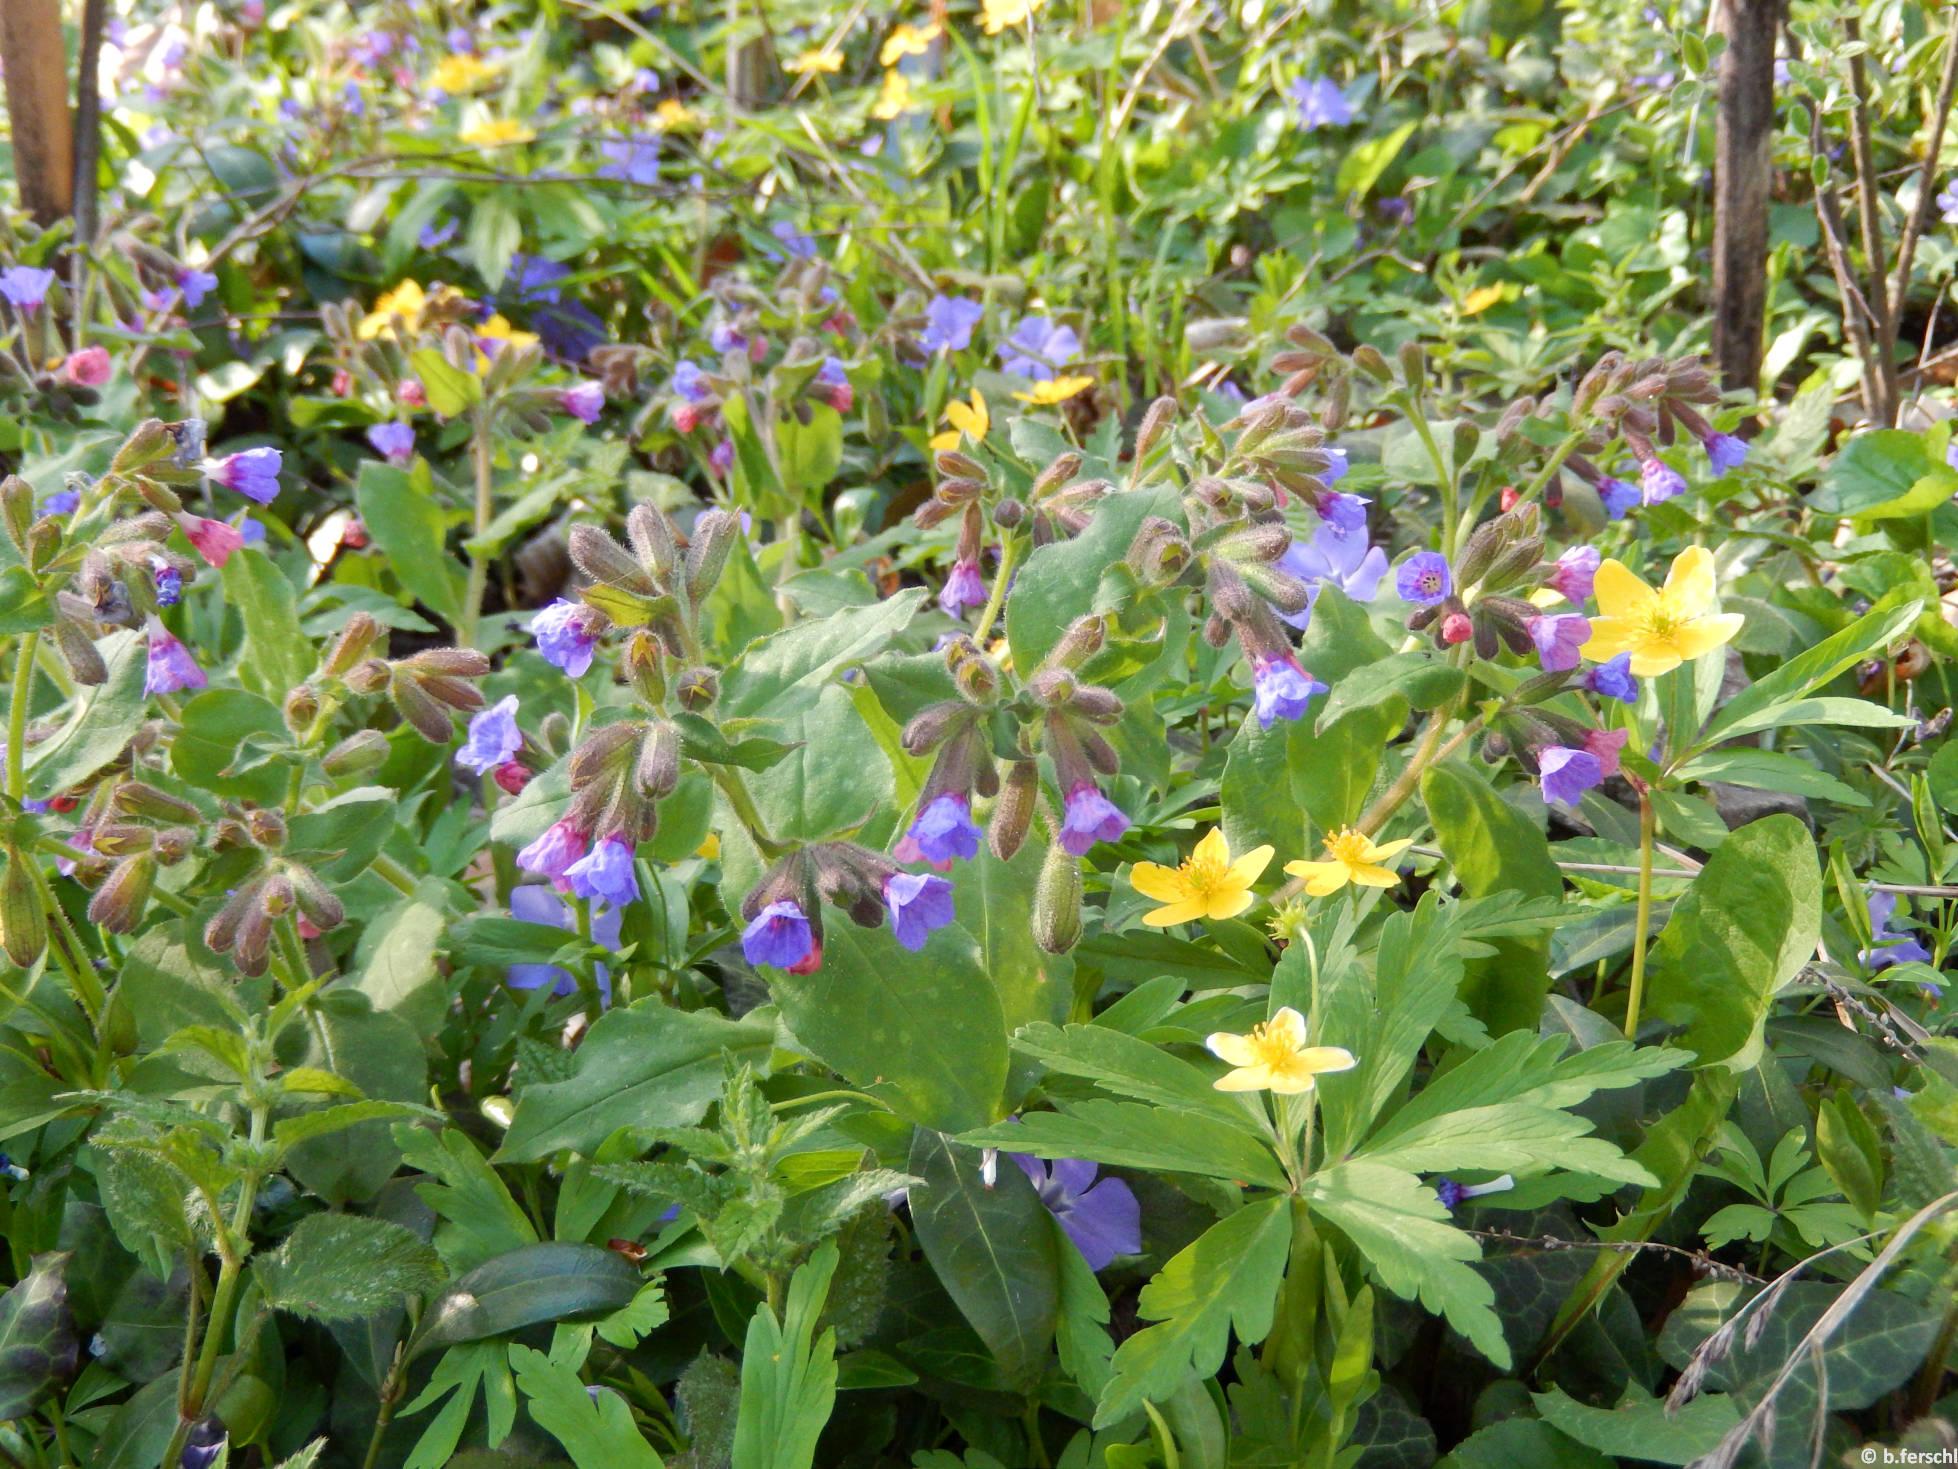 Bogláros szellőrózsa (Anemone ranunculoides), orvosi tüdőfű (Pulmonaria officinalis) és kis meténg (Vinca minor)